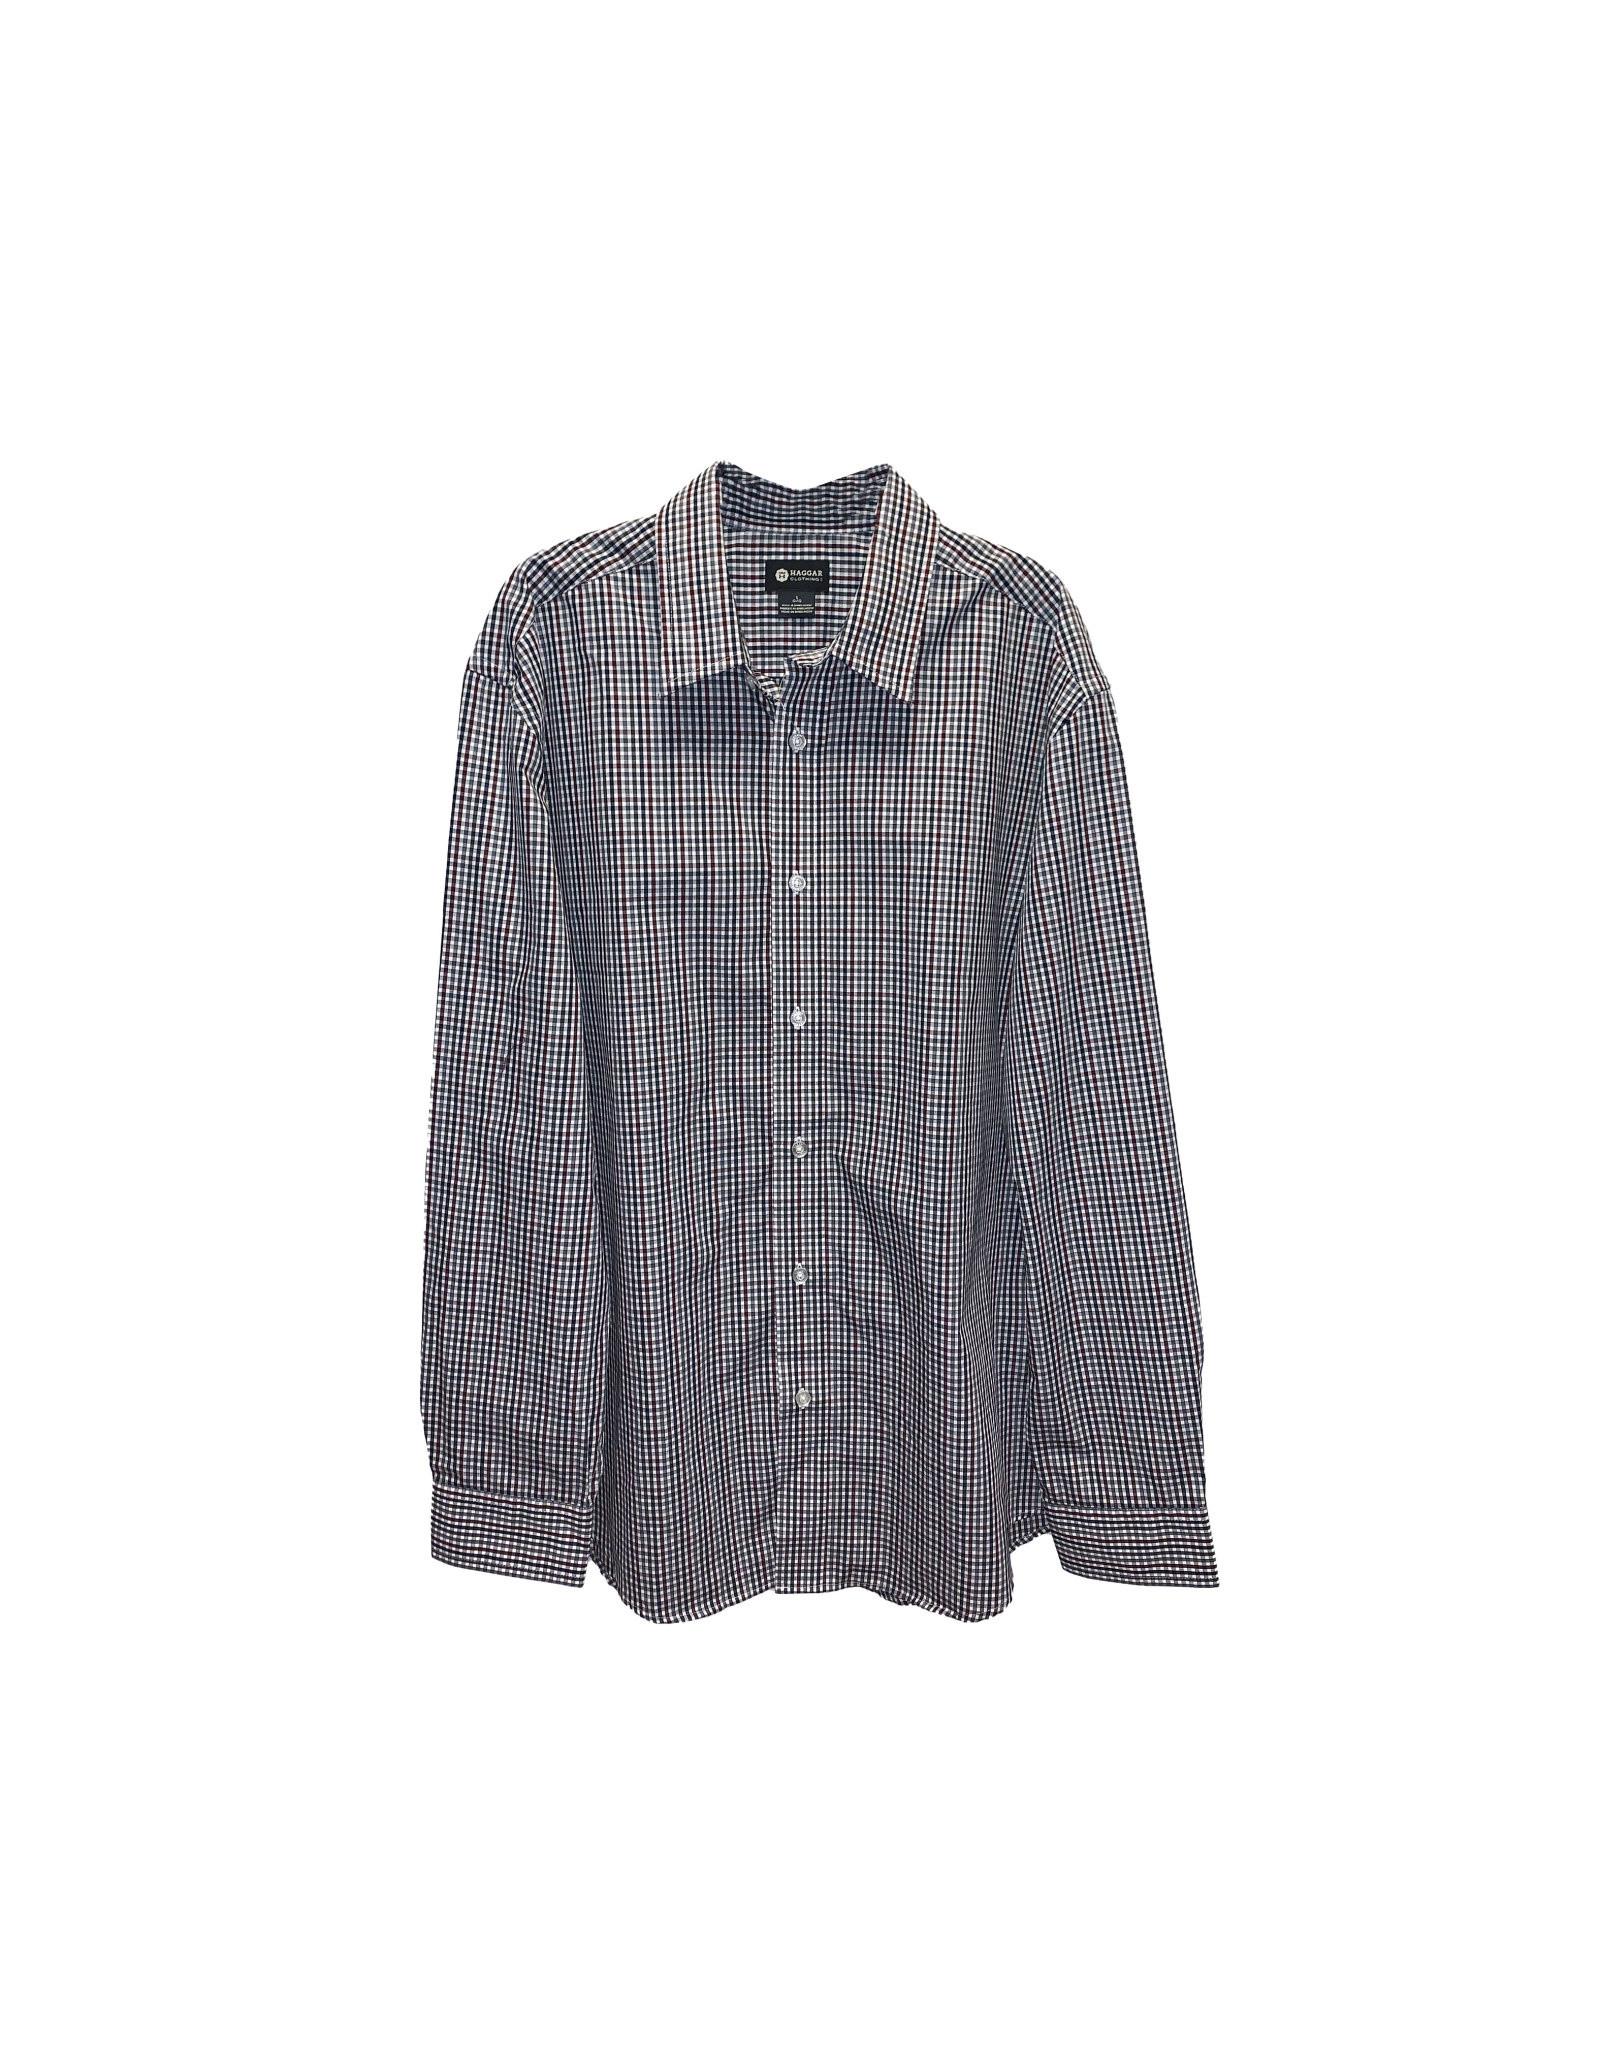 Haggar Haggar Men's  Dress Shirts Size L